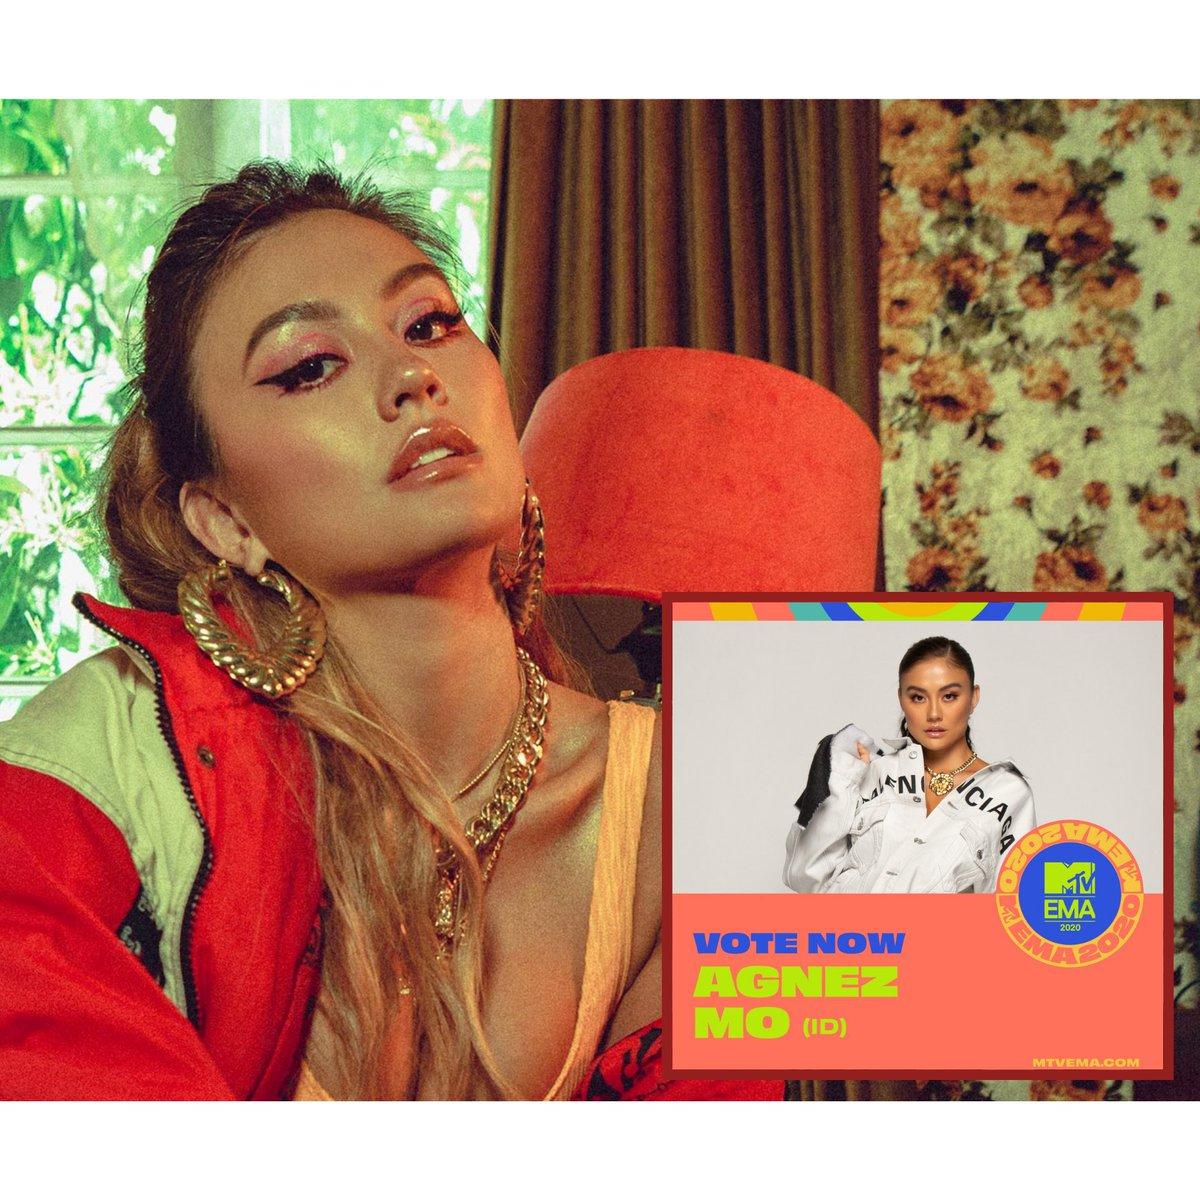 """#HRFMNews Look who's nominated at the MTV EMA 2020 on """"Best Southeast Asia Act"""" category!  MTV EMA 2020 mengumumkan nominasinya! Bersaing dengan musisi dari Singapura, Vietnam, Filipina, Malaysia, dan Thailand, @agnezmo terpilih sebagai musisi yang merepresentasikan Indonesia"""